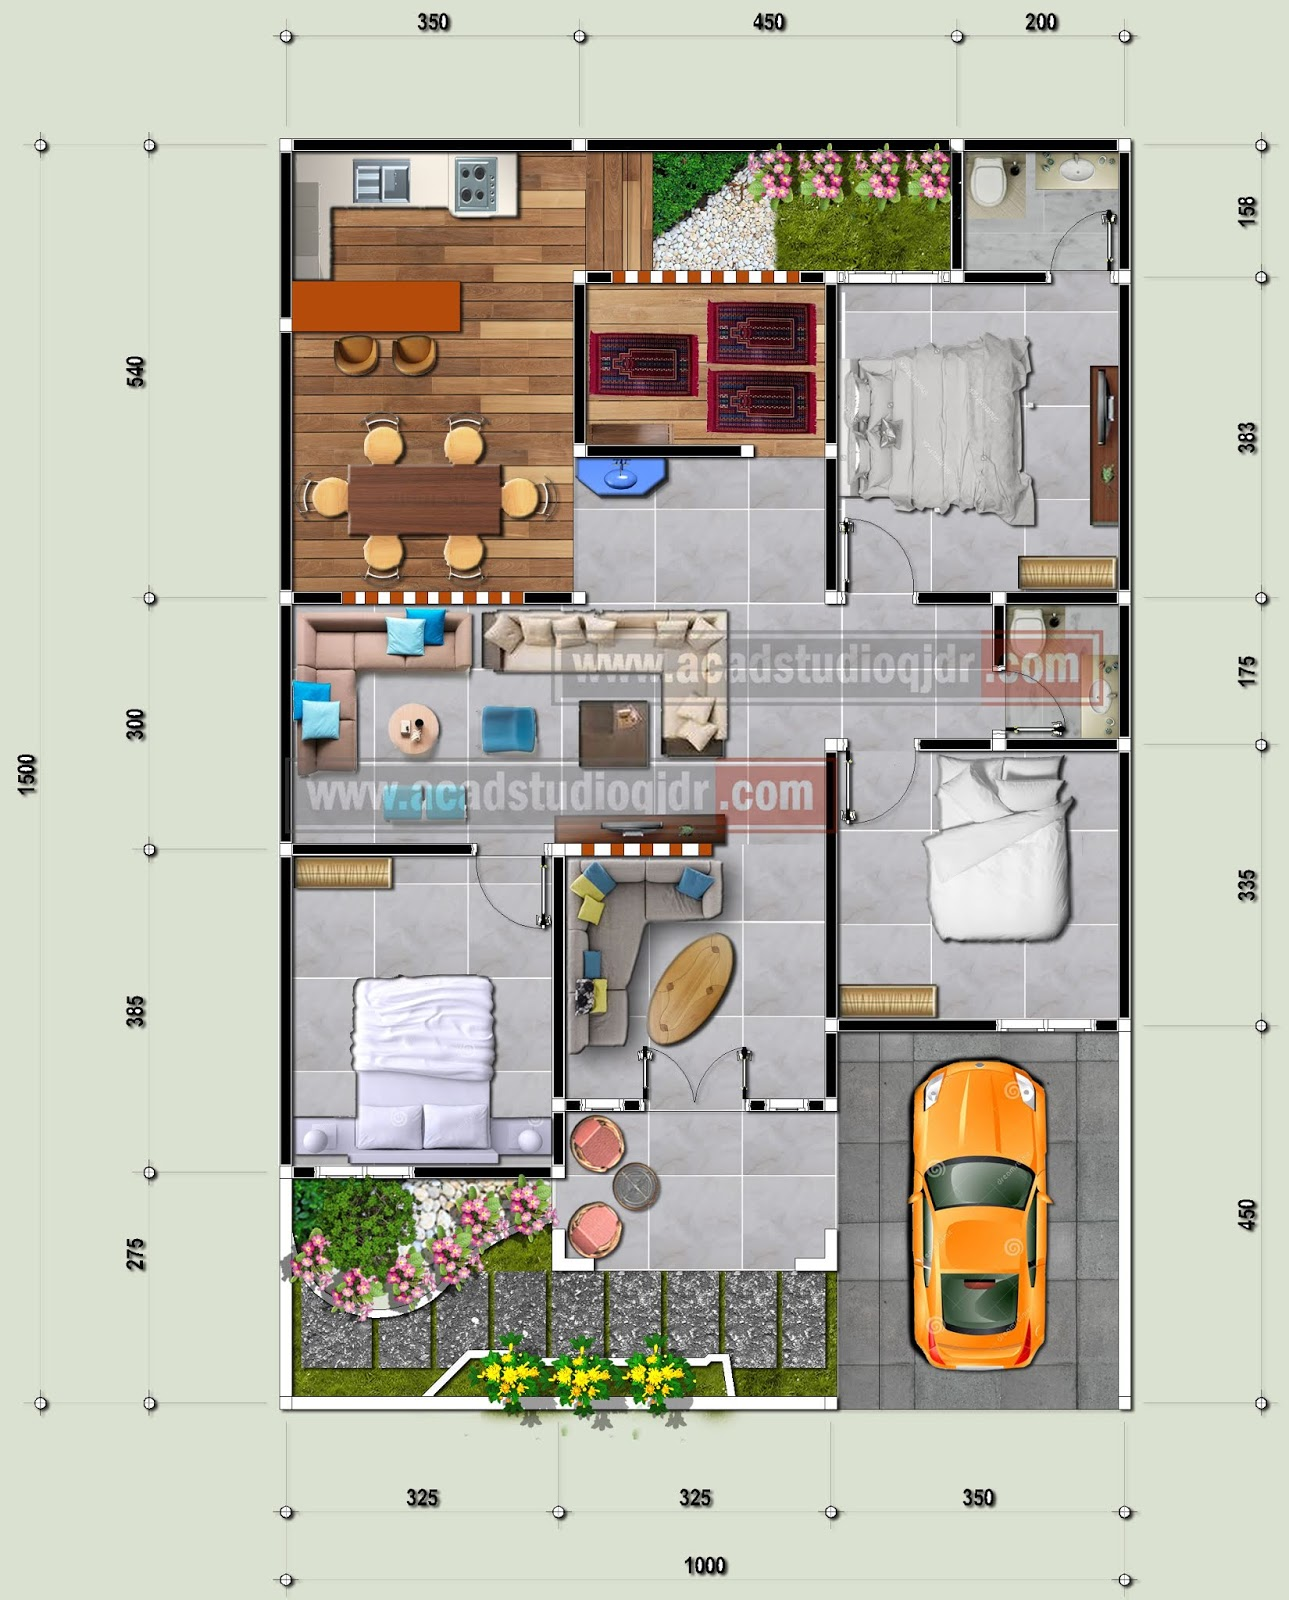 Desain Rumah Di Lahan 10x15 Meter Jasa Desain Rumah